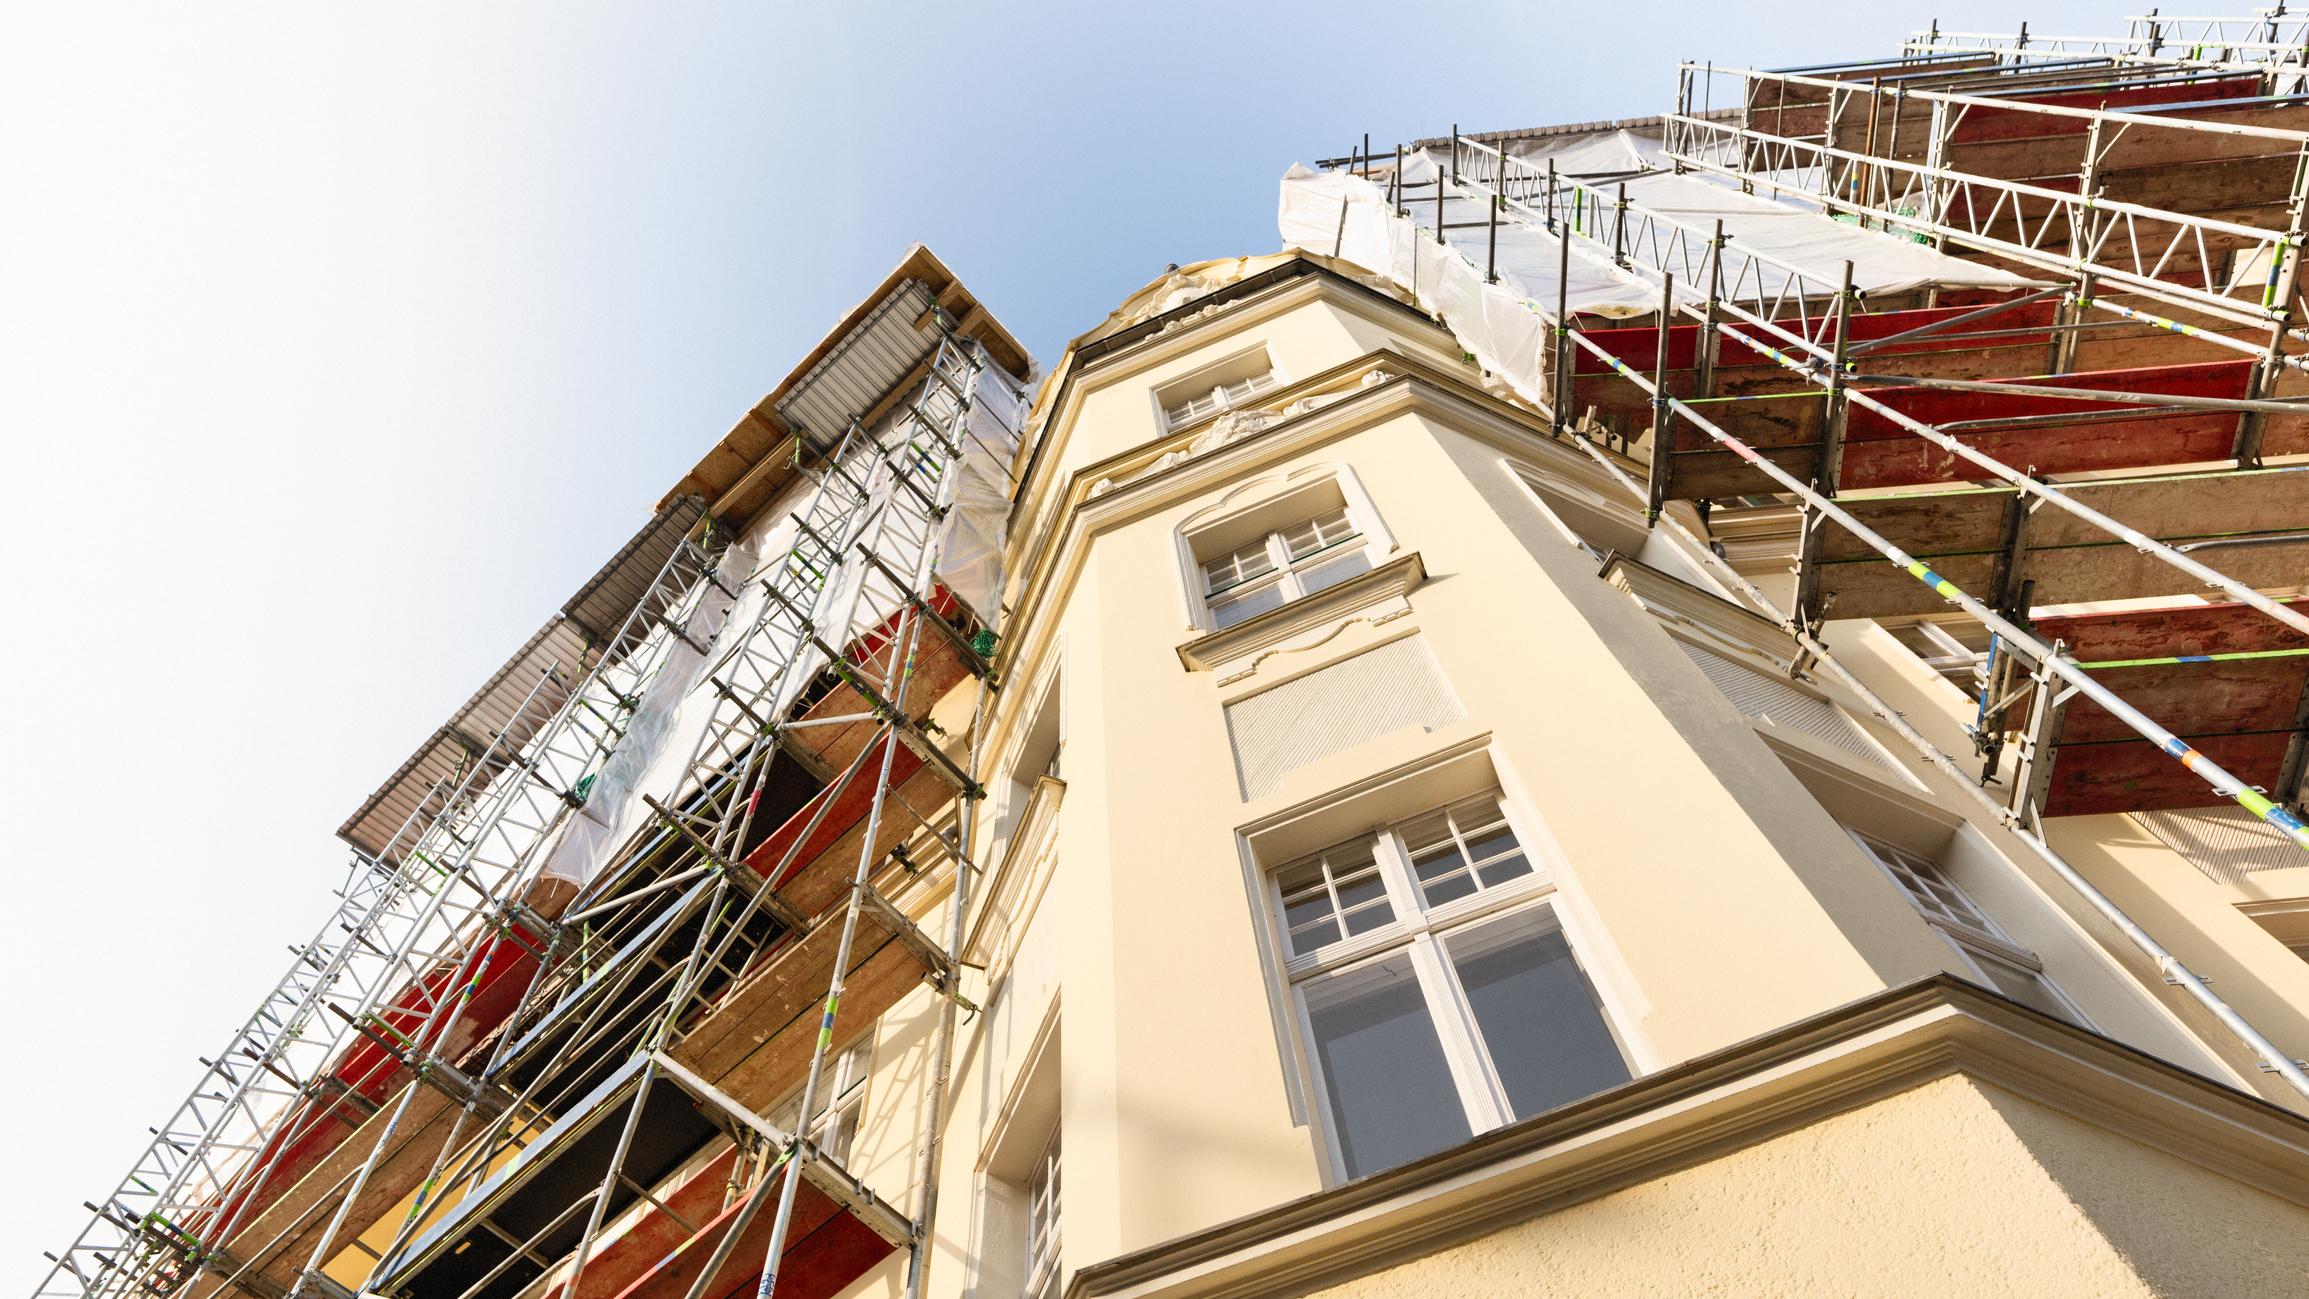 Hauswert ermitteln: Modernisierung